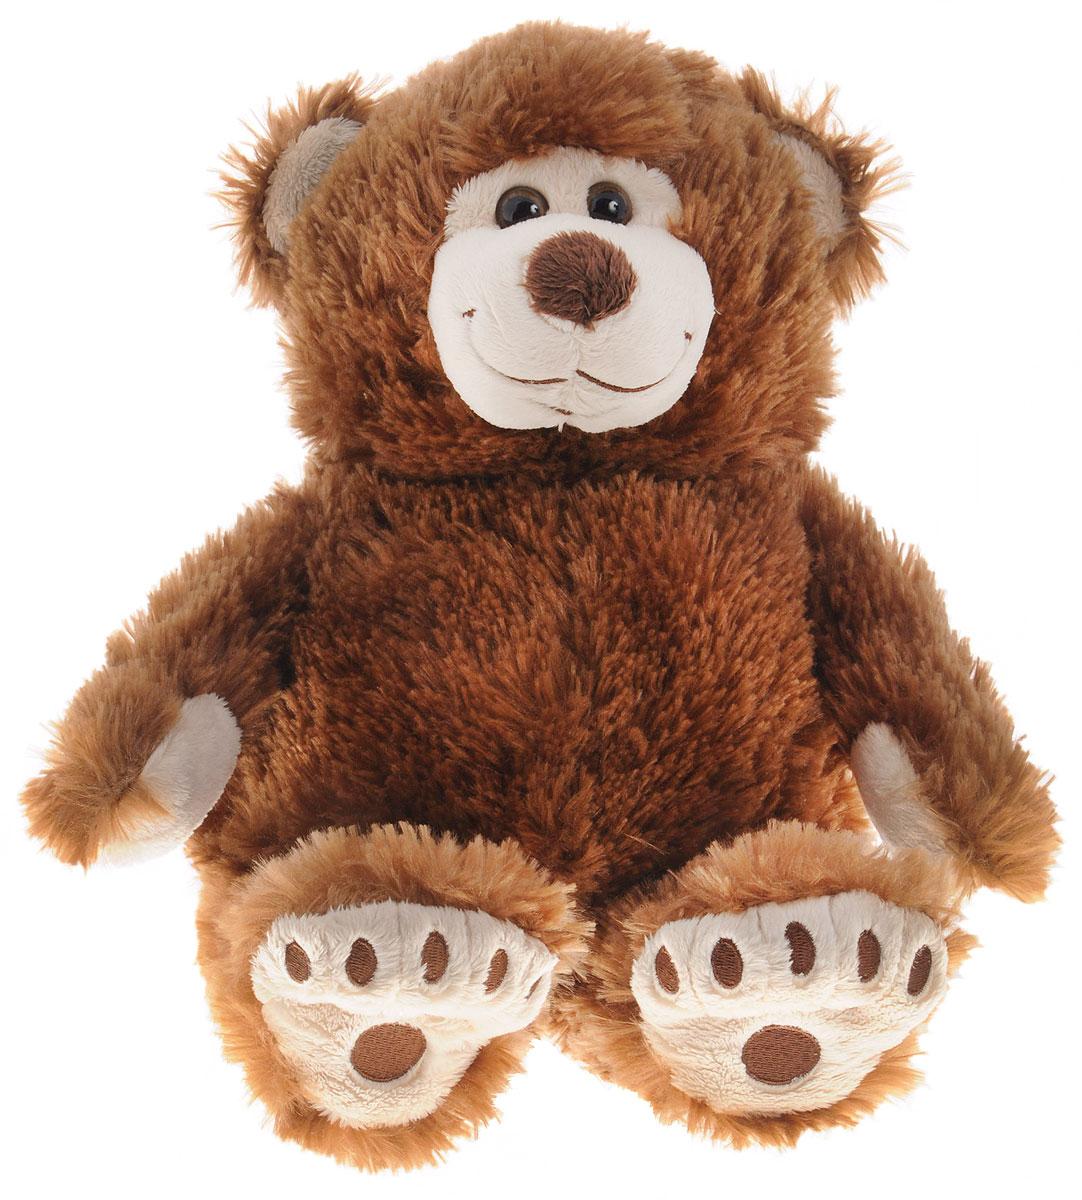 Plush Apple Мягкая игрушка Медведь Аркаша 38 см цвет коричневый мягкая игрушка plush apple собака с шарфом 28 см